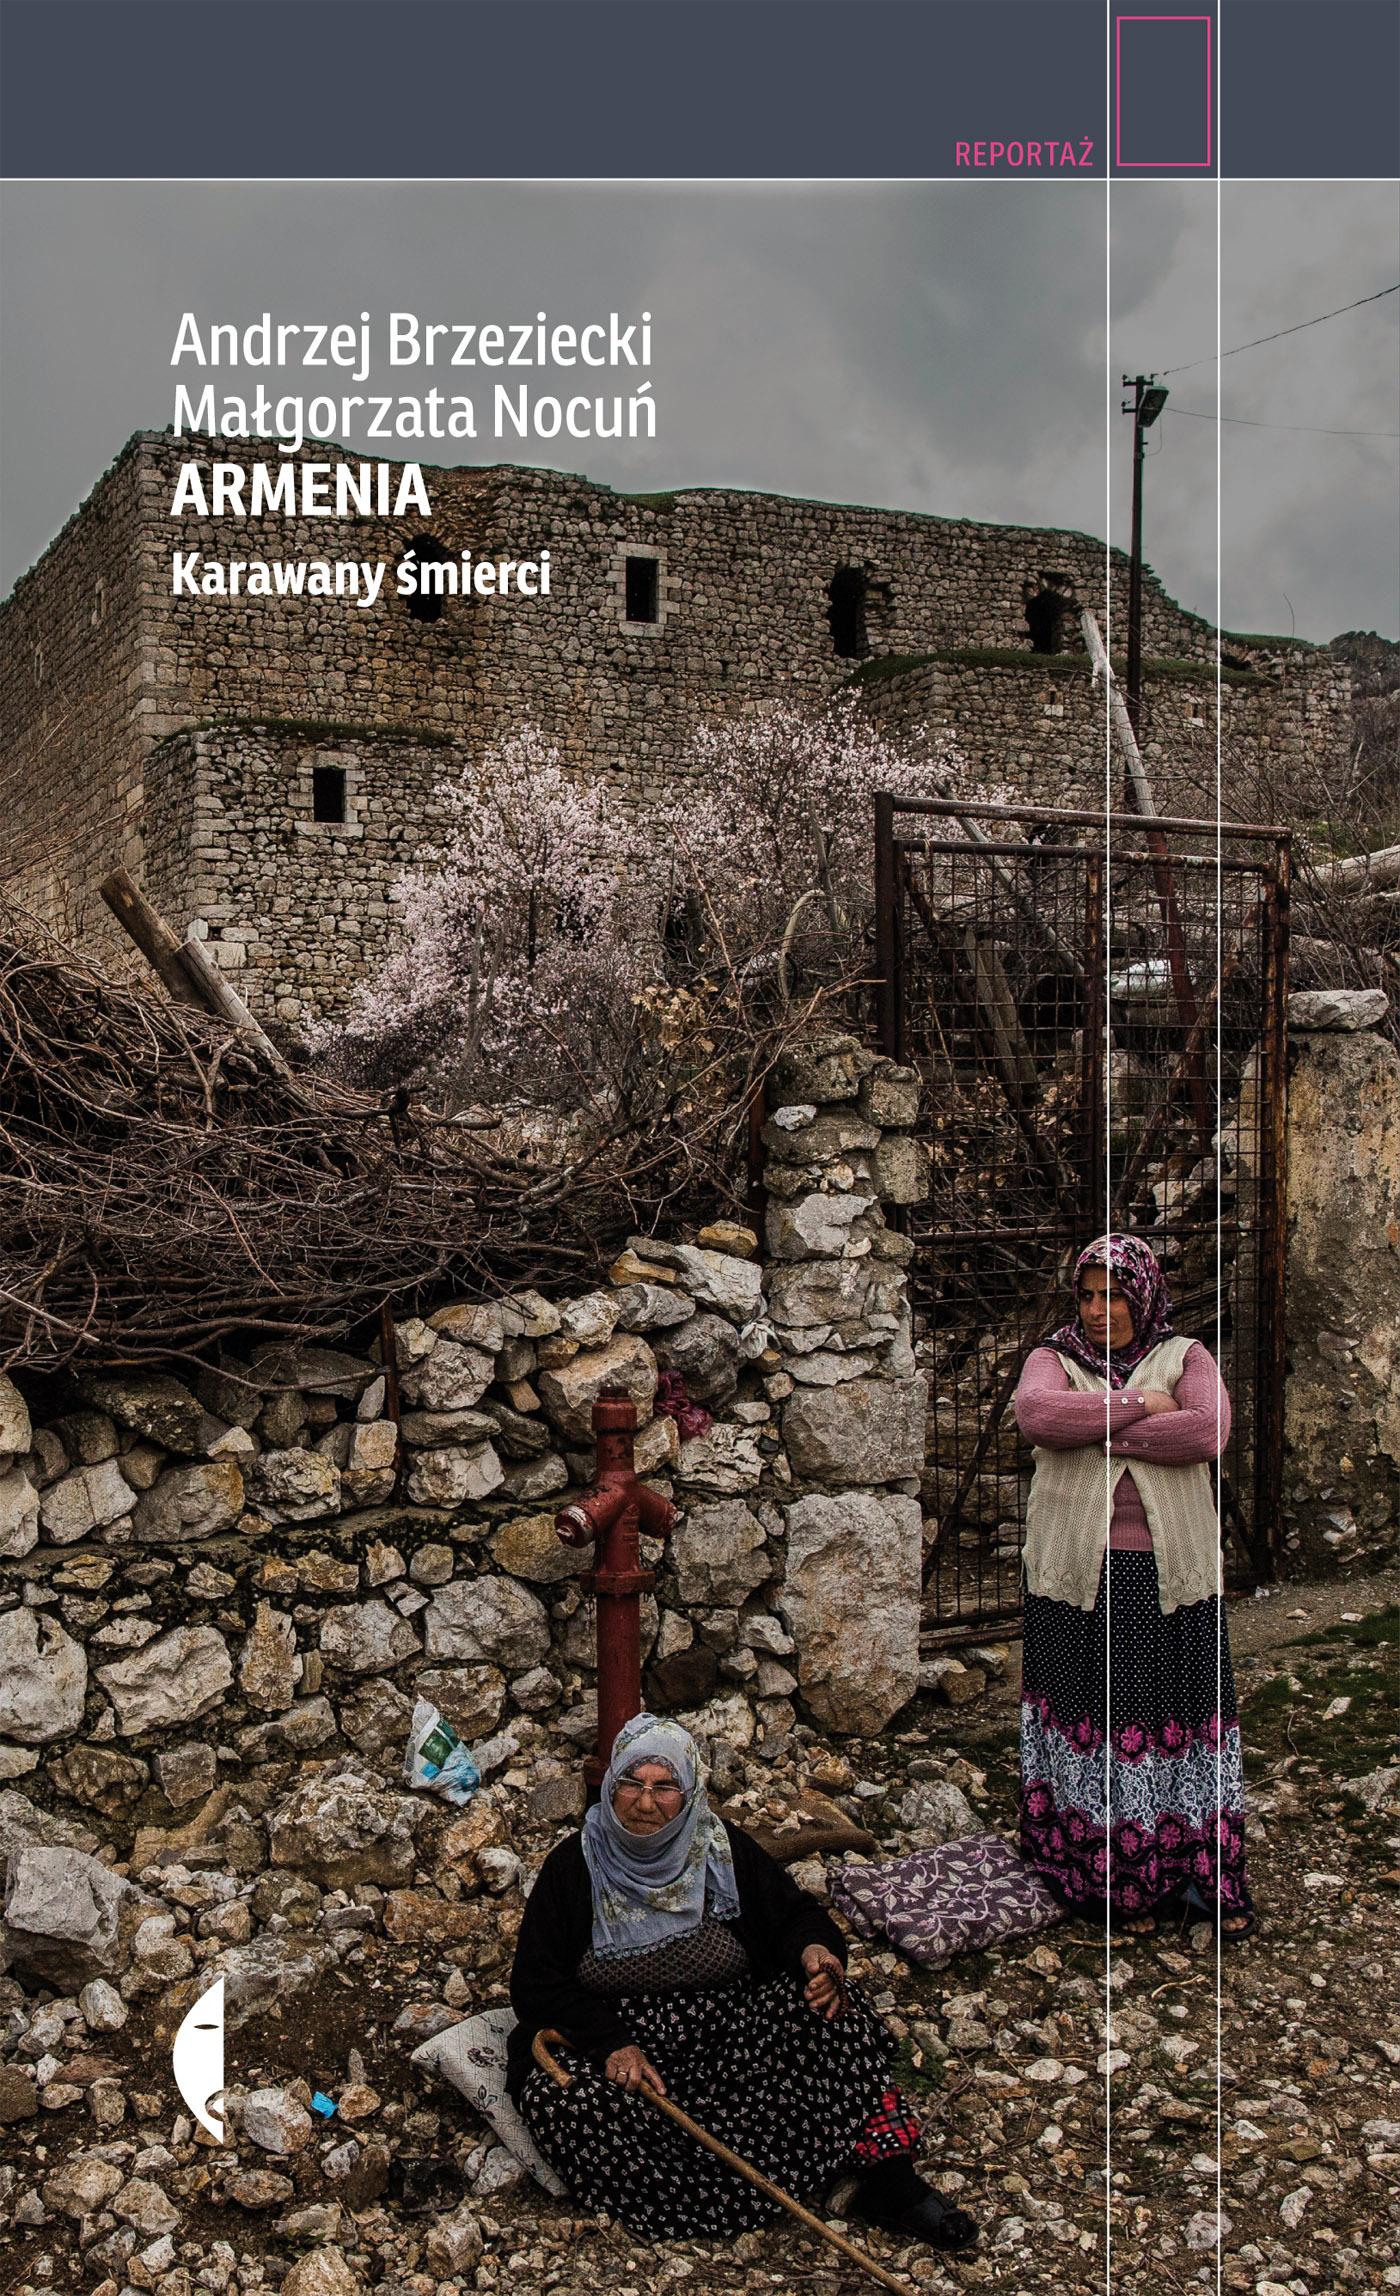 Armenia. Karawany śmierci Małgorzata Nocuń